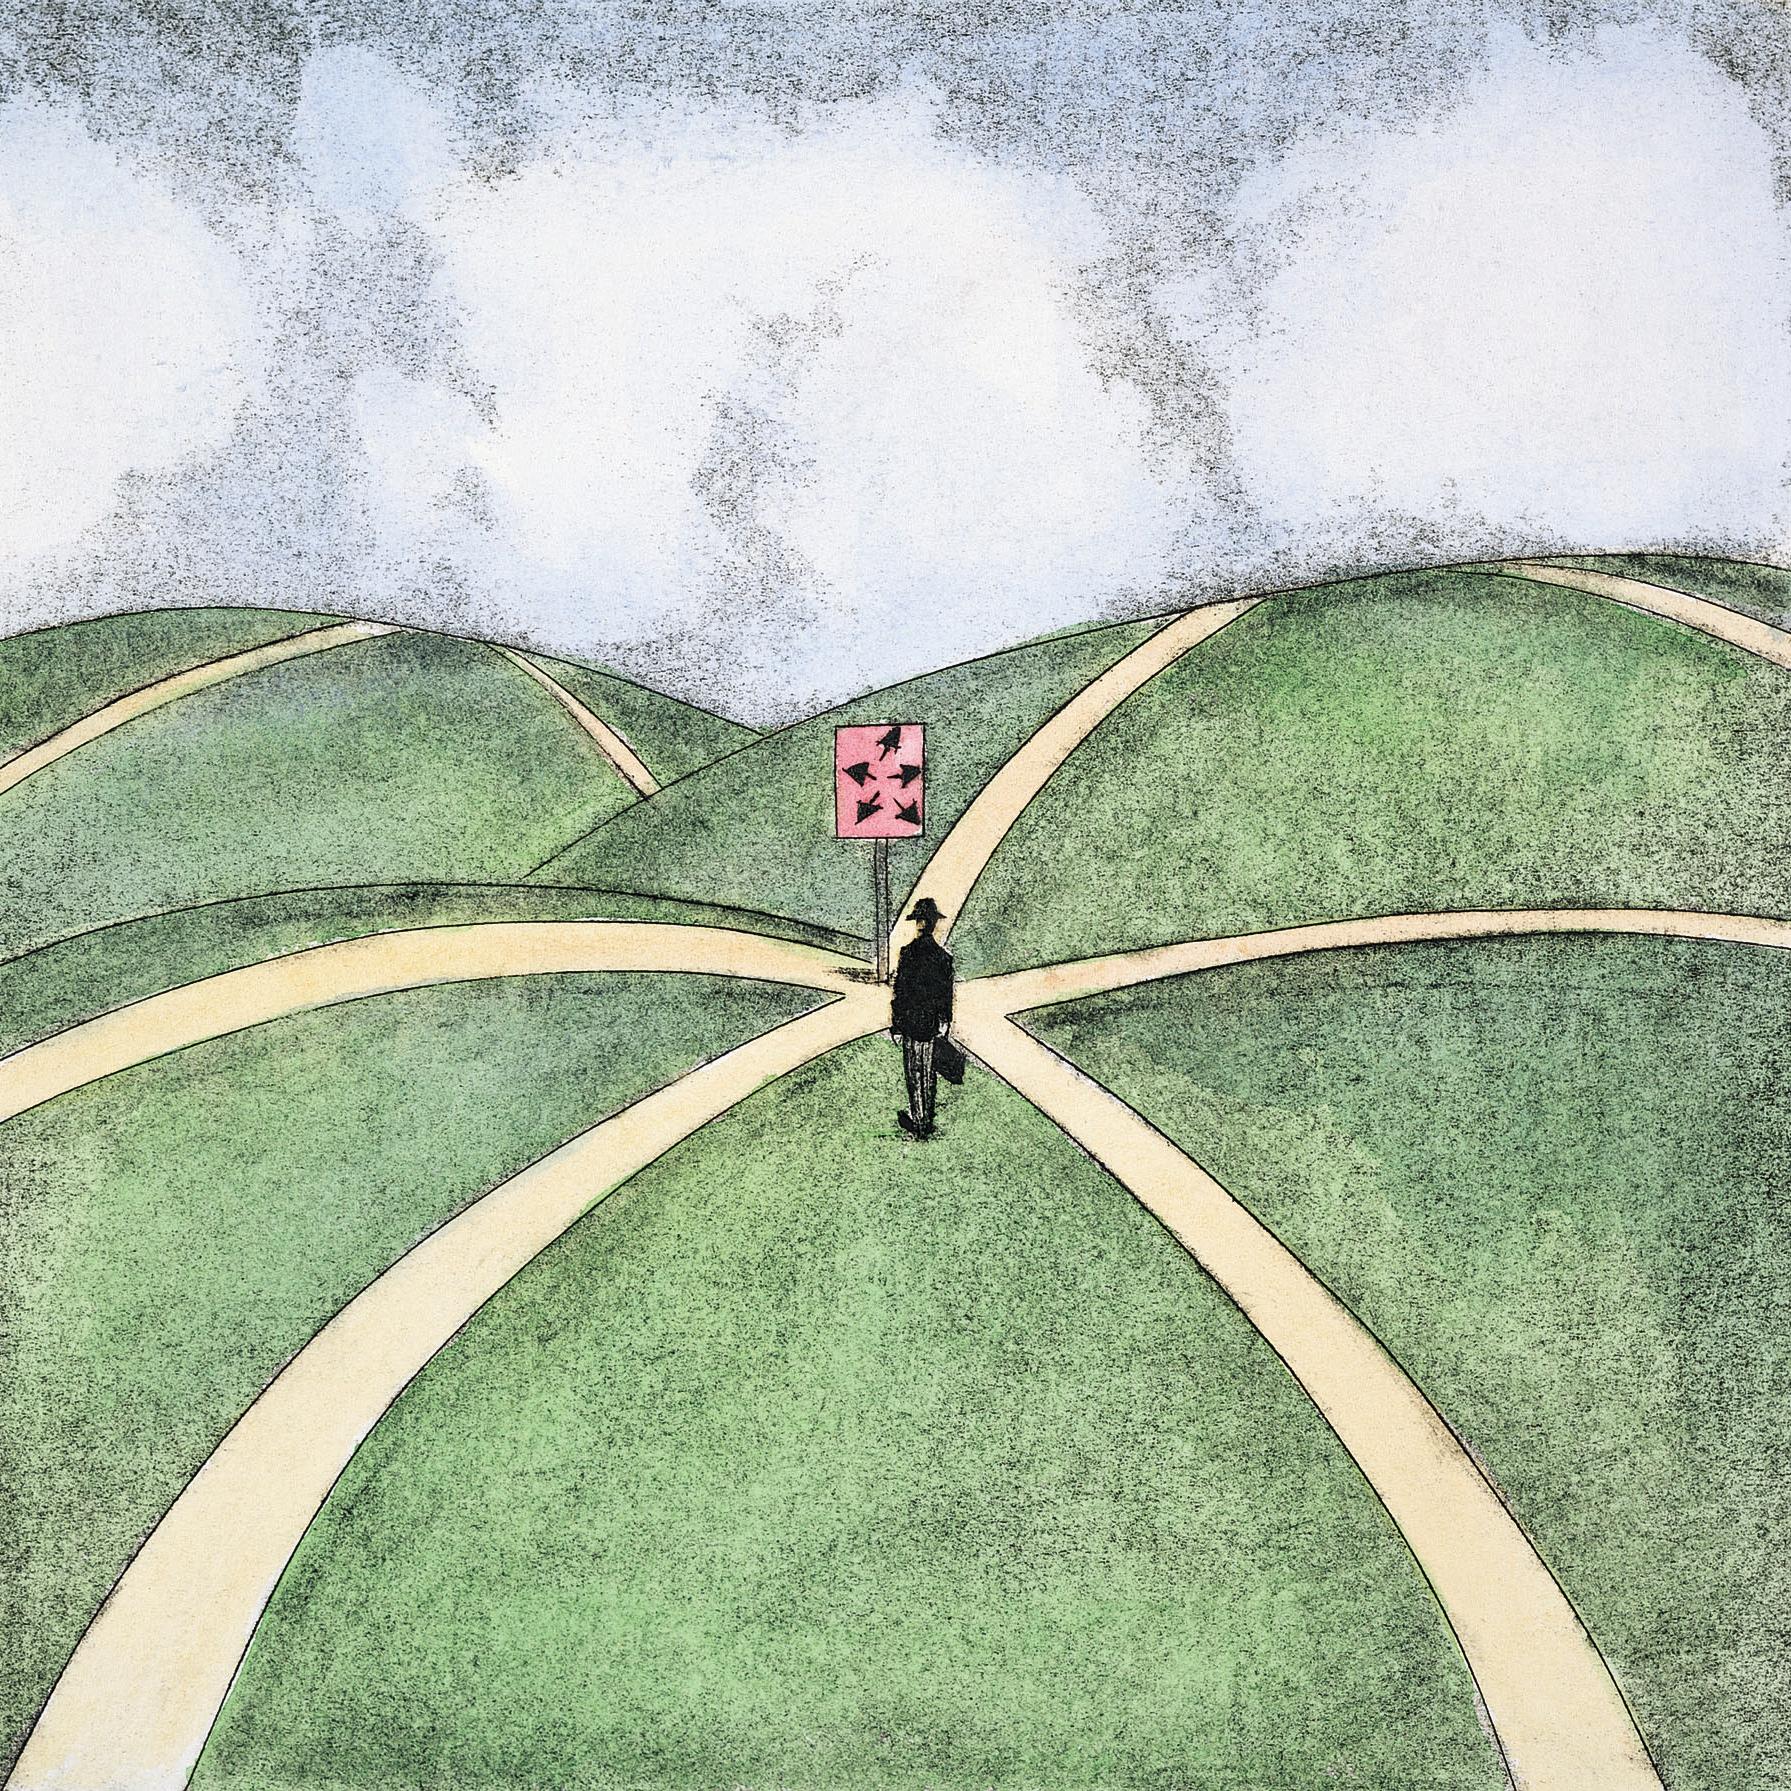 Een mens op een kruispunt van wegen, hoe kies je de juiste weg?